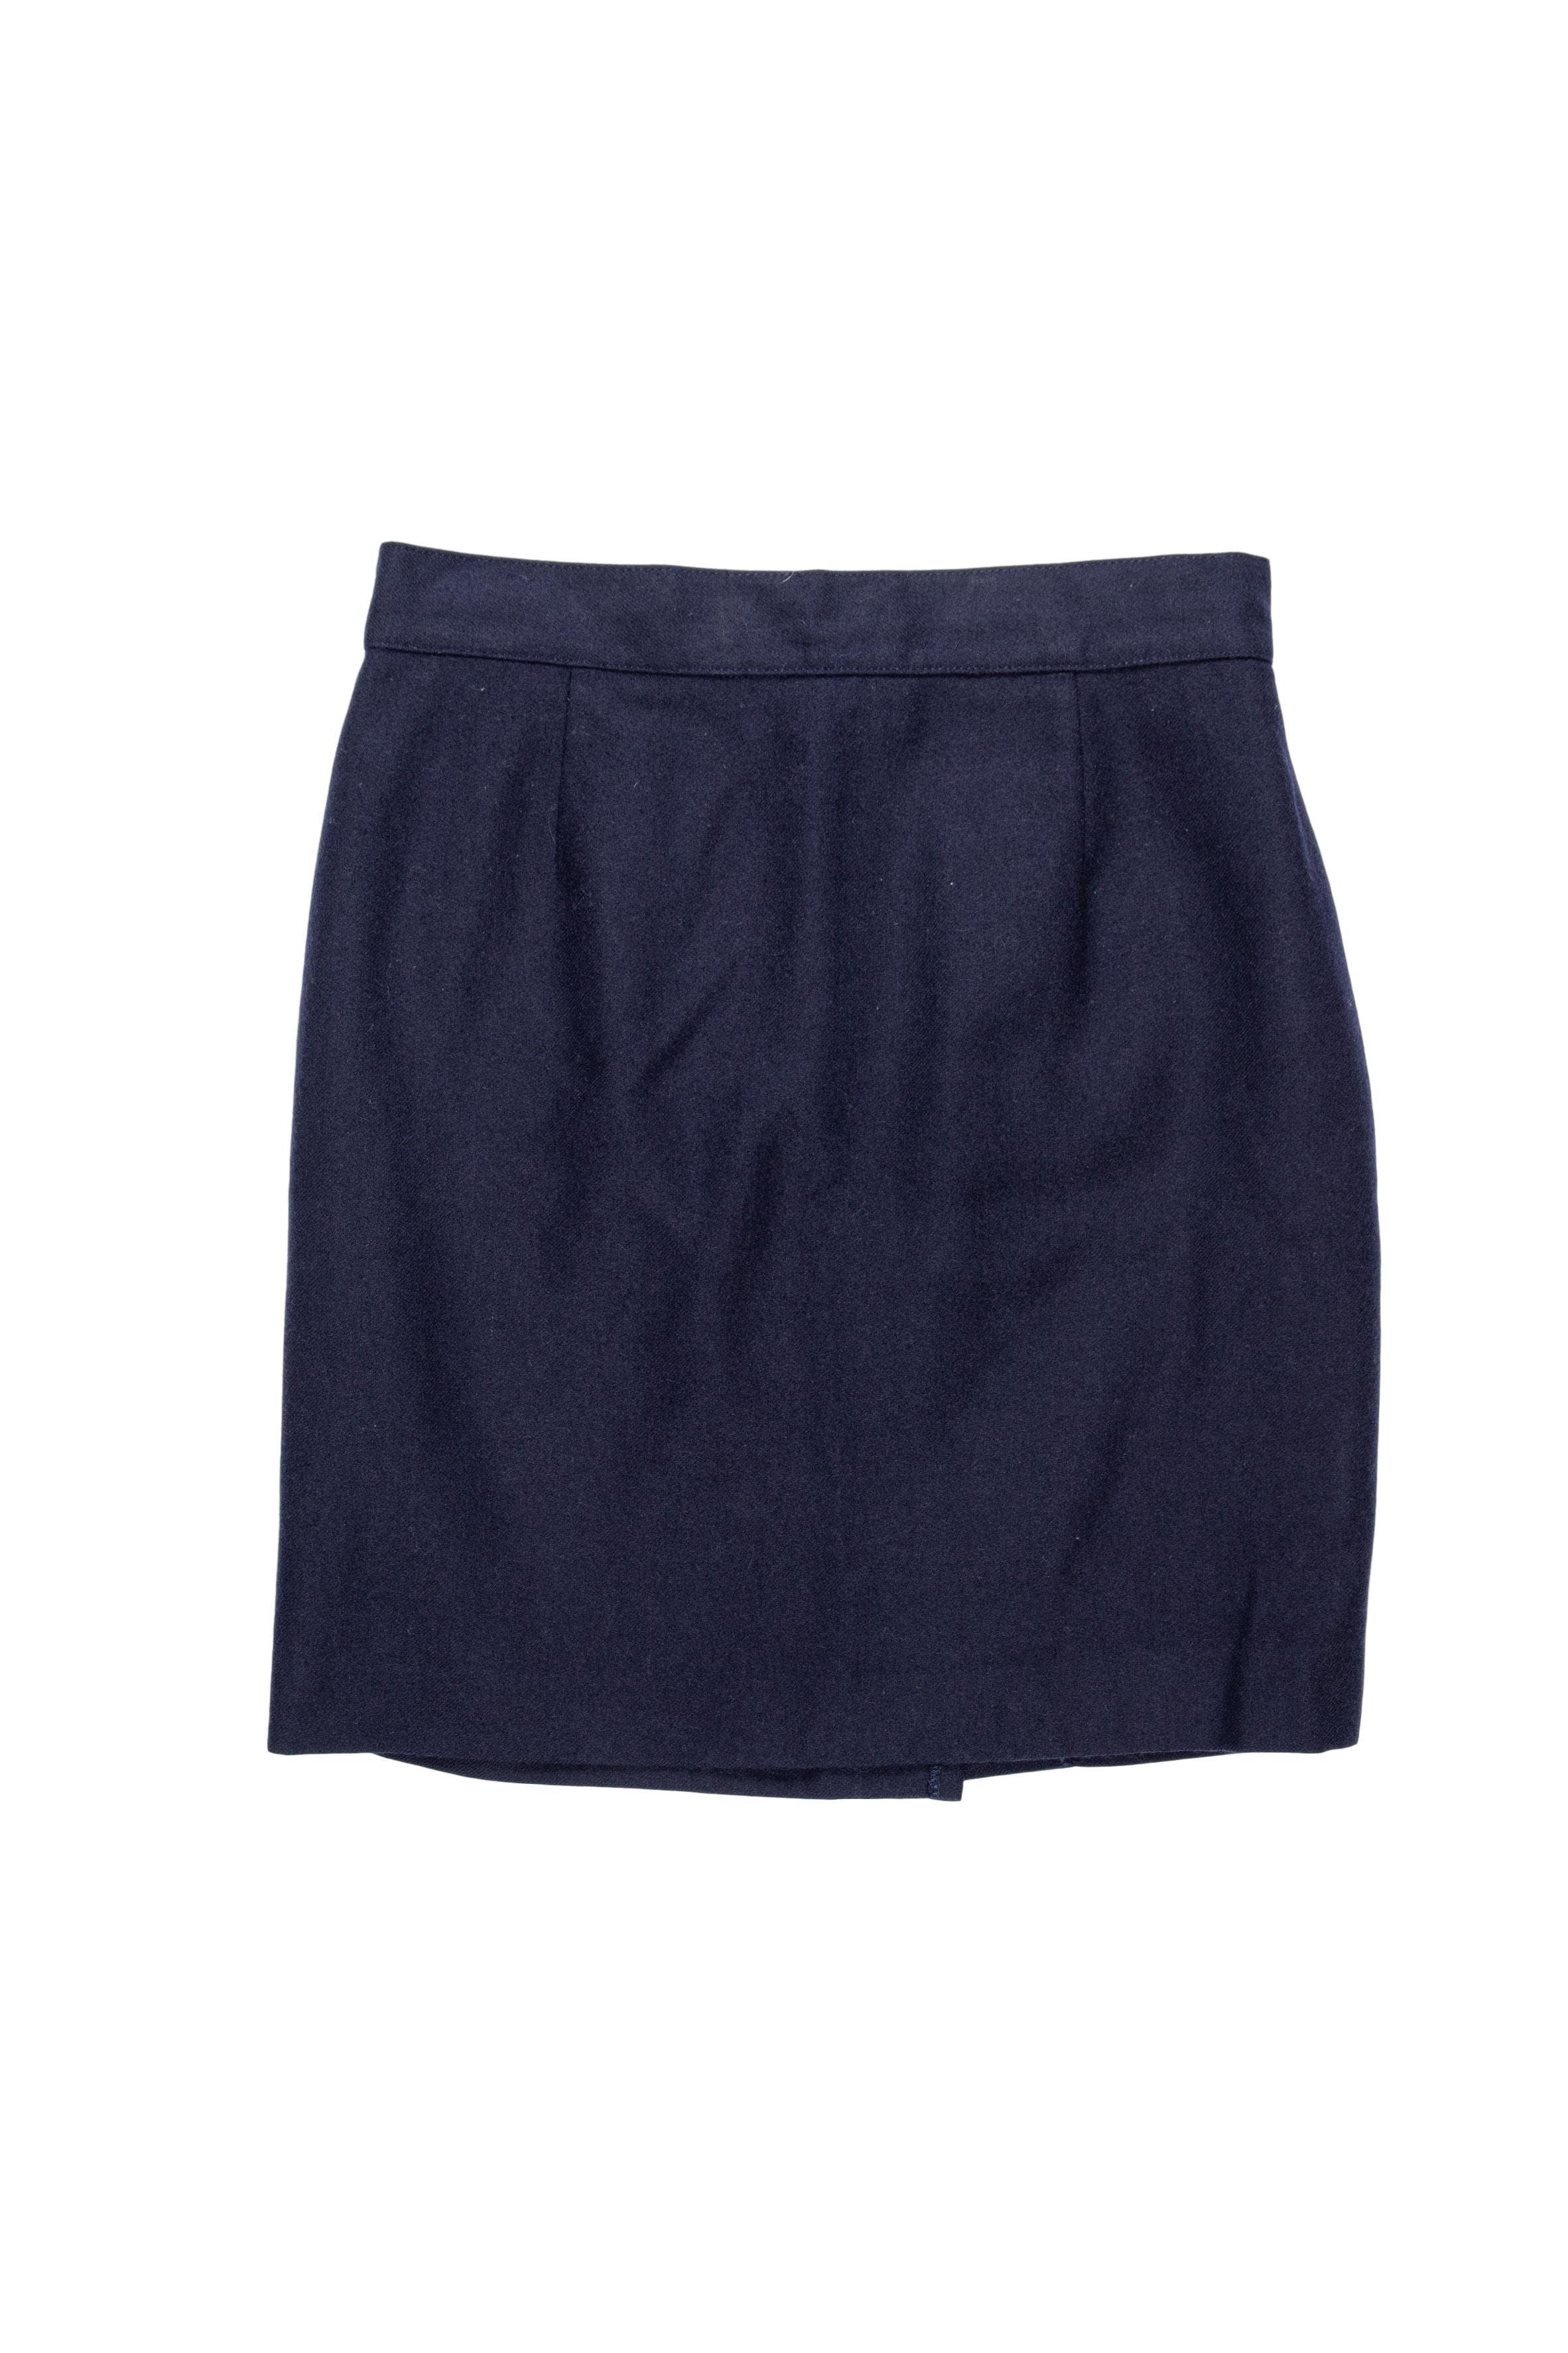 Falda mini de paño azul, forrada, con botón y cierre posterior. Cintura 70 cm, largo 48 cm